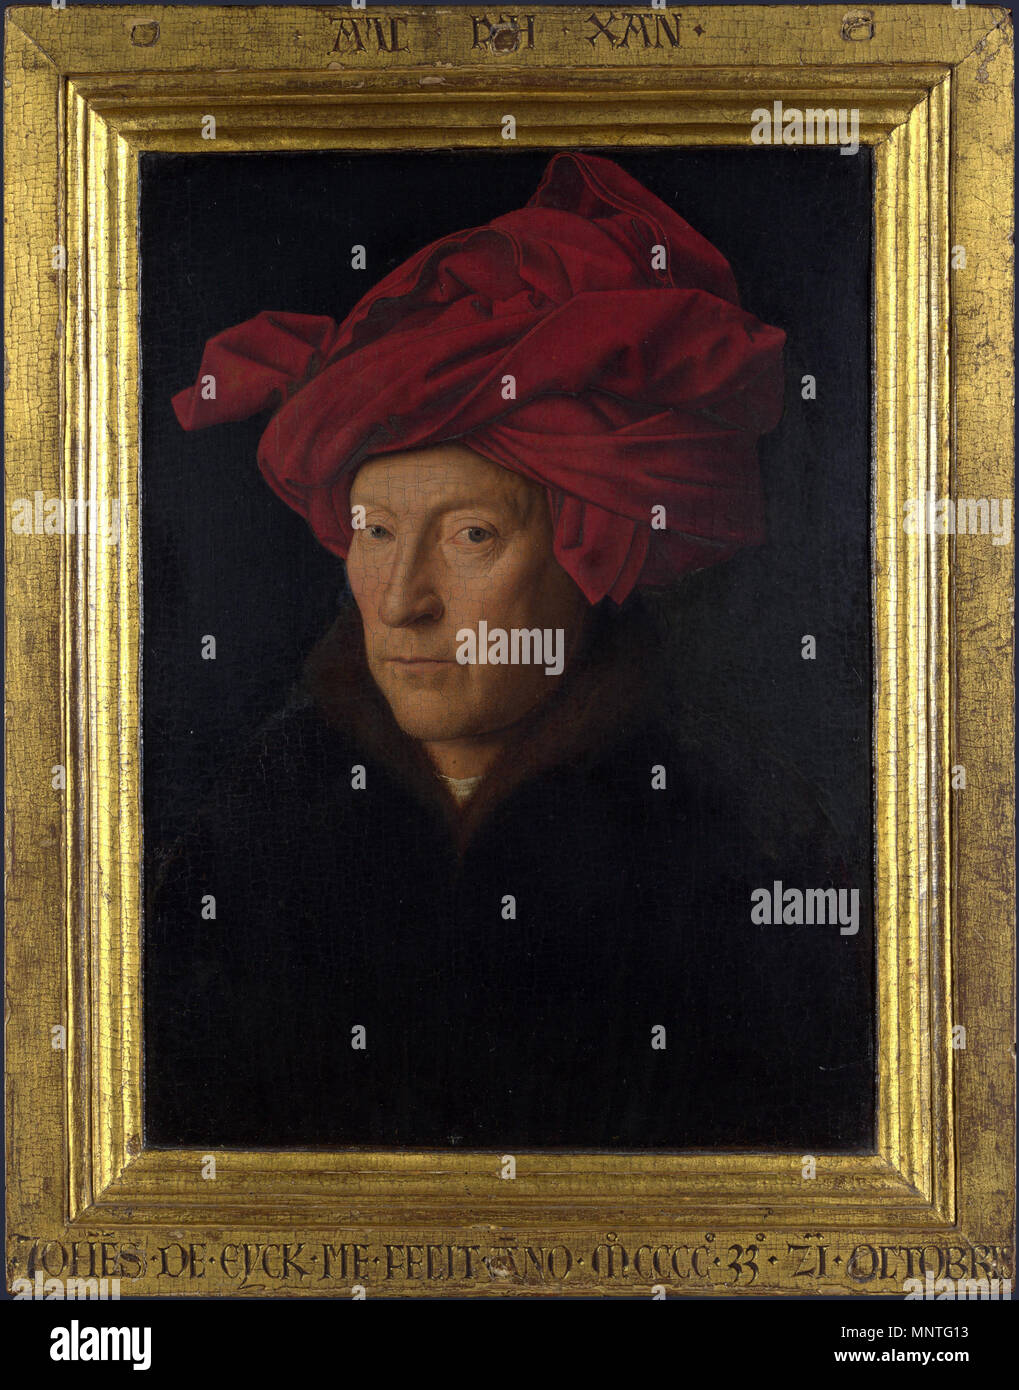 """Deutsch: Porträt des Mannes mit dem turbante Italiano: Ritratto di uomo con turbante rosso Nederlands: Uomo met de rode tulband inglese: """"Ritratto di un uomo (Autoritratto?)', aka """"Ritratto di un uomo in un turban' 1433. 1017 Ritratto di un uomo in un turban (Jan van Eyck) con telaio Immagini Stock"""